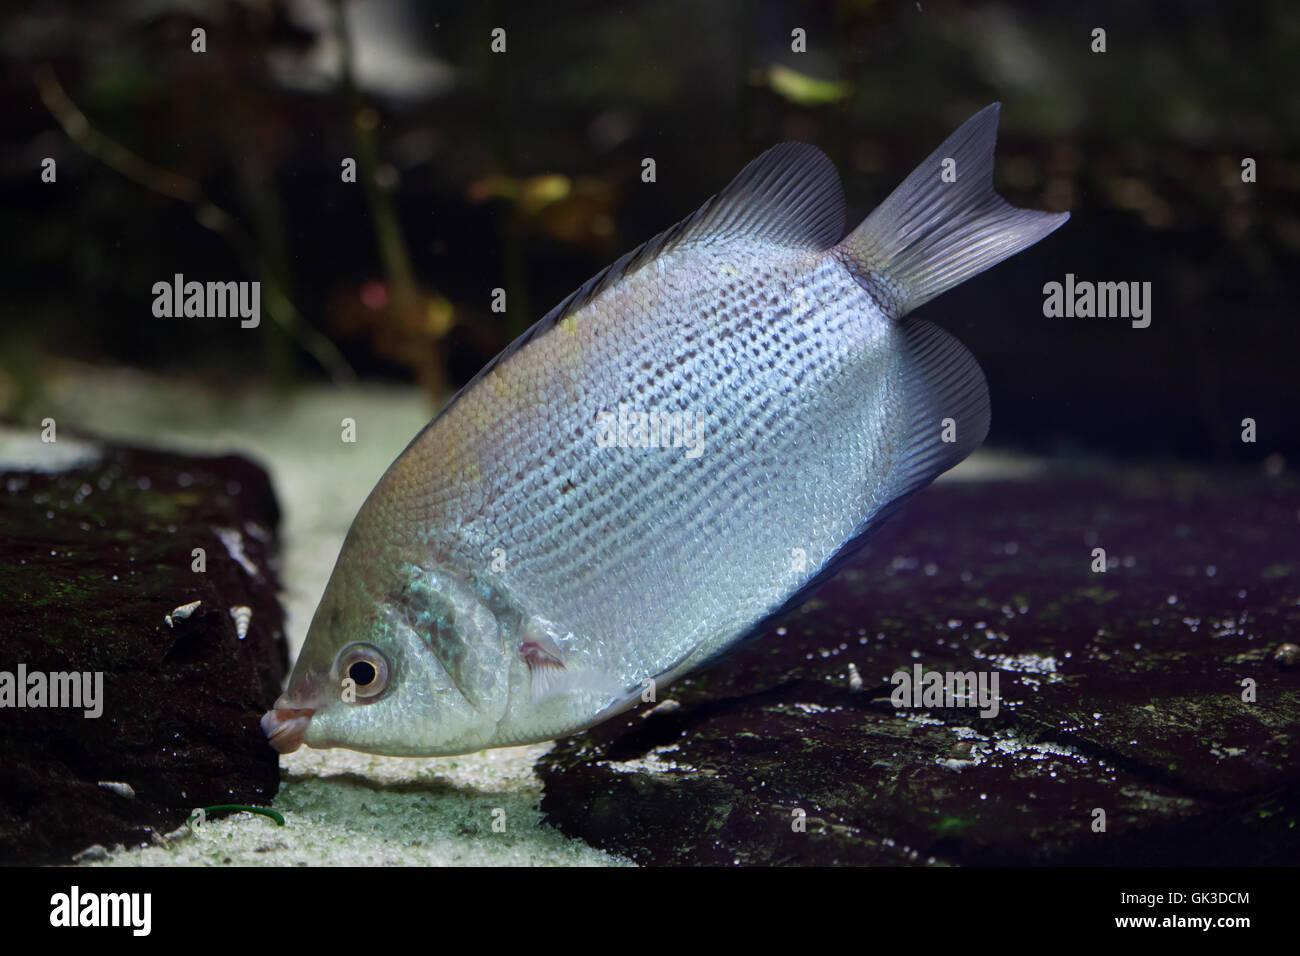 Kissing gourami (Helostoma temminckii), also known as the kissing fish. Wildlife animal. Stock Photo